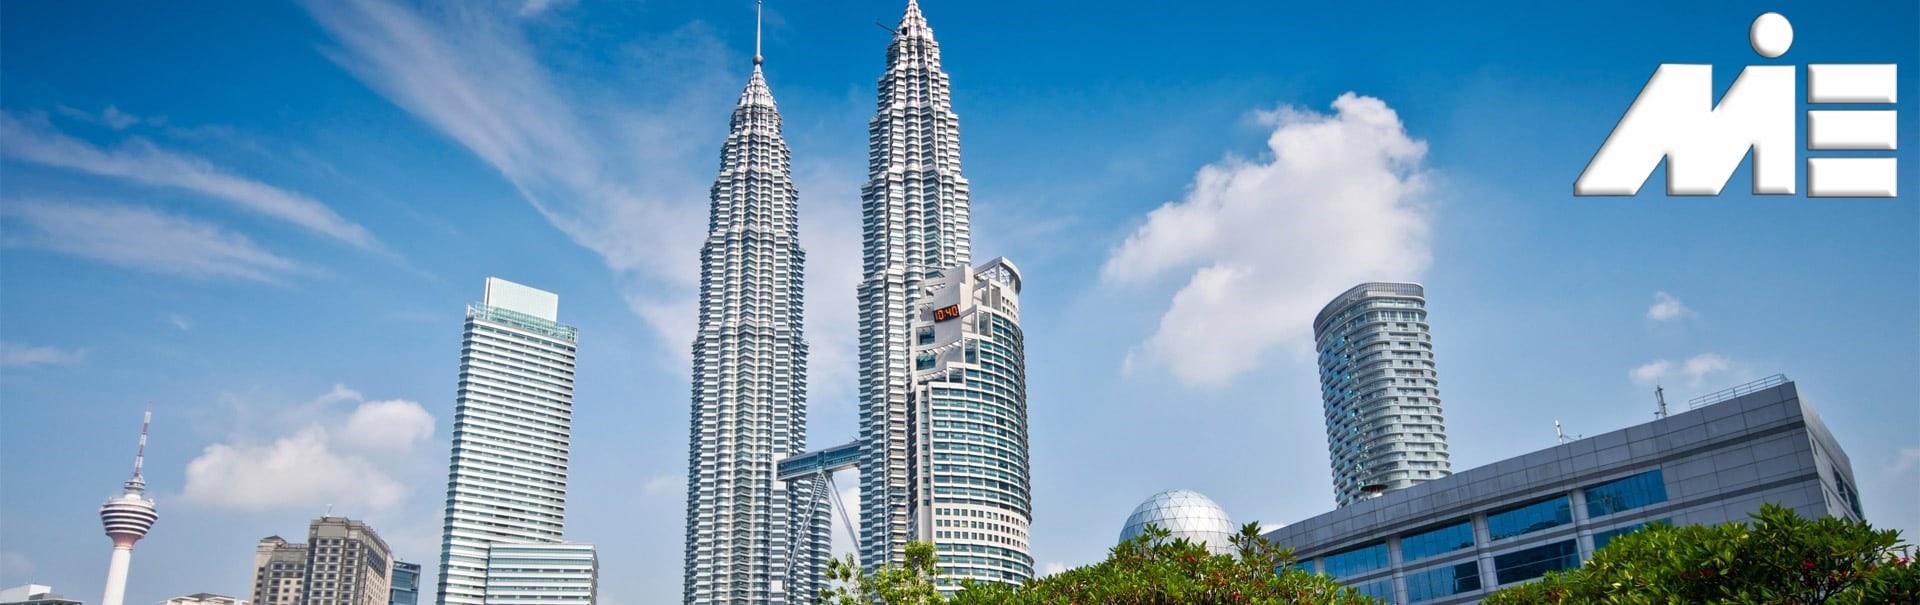 مالزی ـ مهاجرت به مالزی ـ ویزای مالزی ـ پاسپورت مالزی